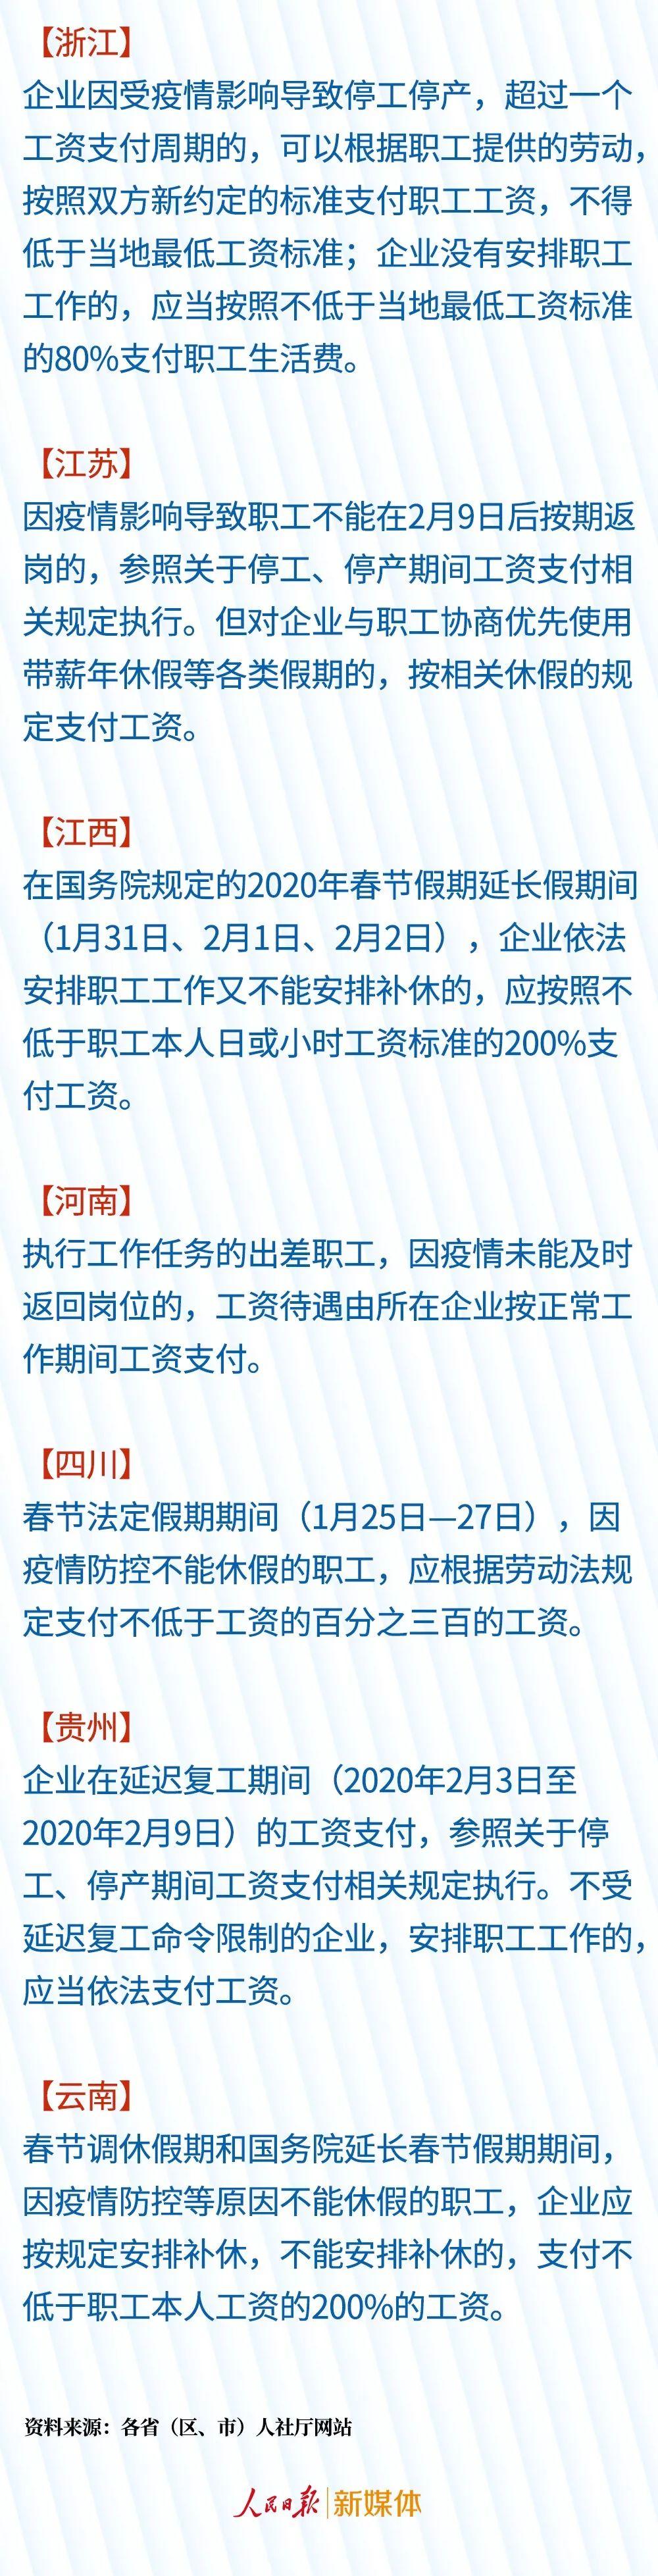 果仁0C535-5357